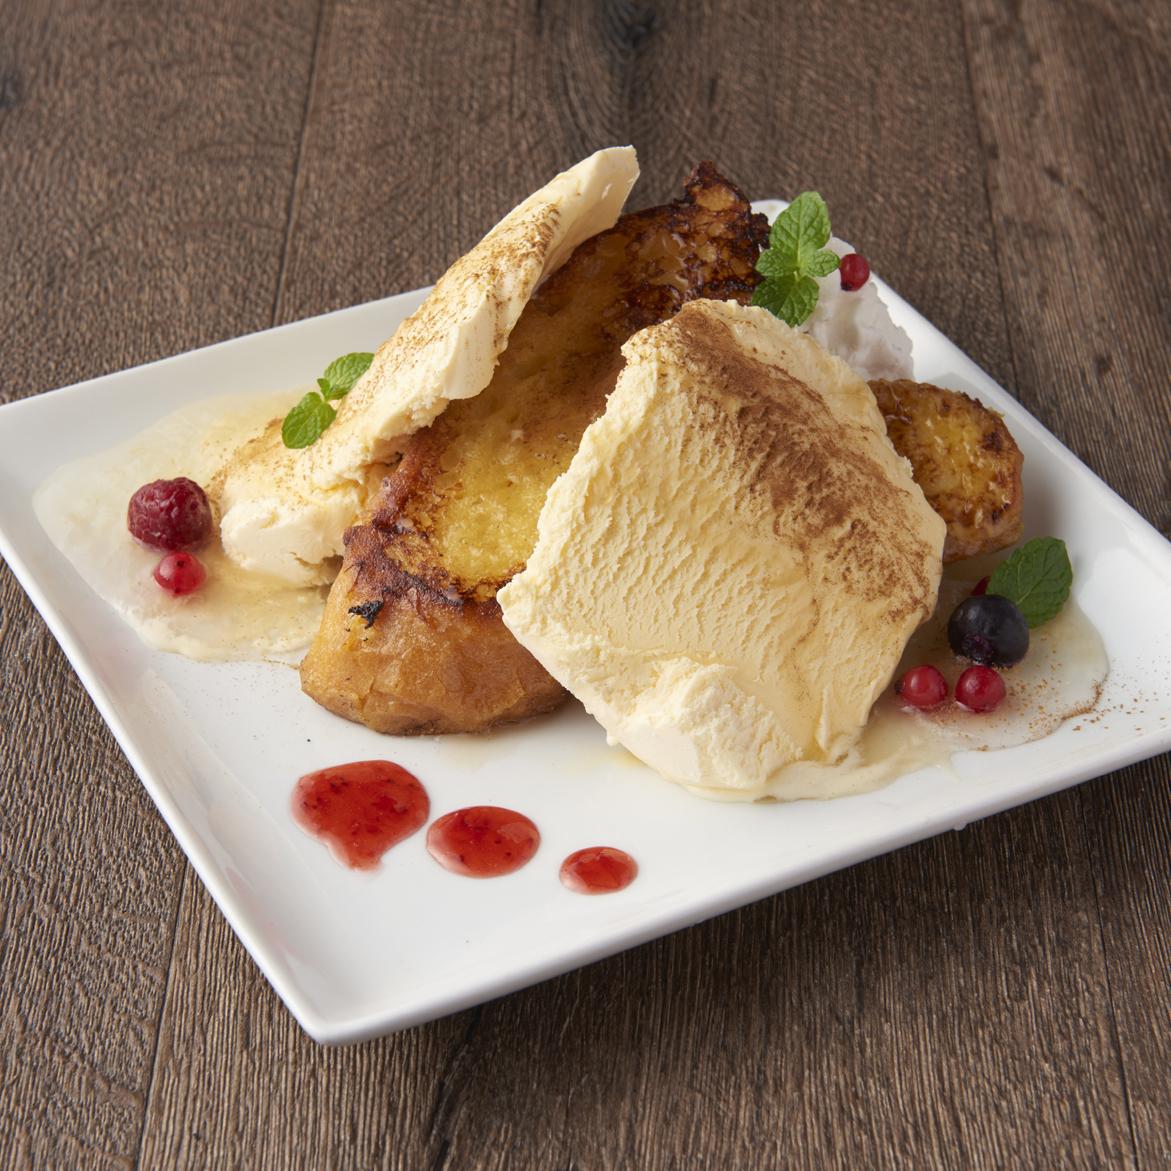 セニョリータフレンチトースト(メープルorチョコレート)